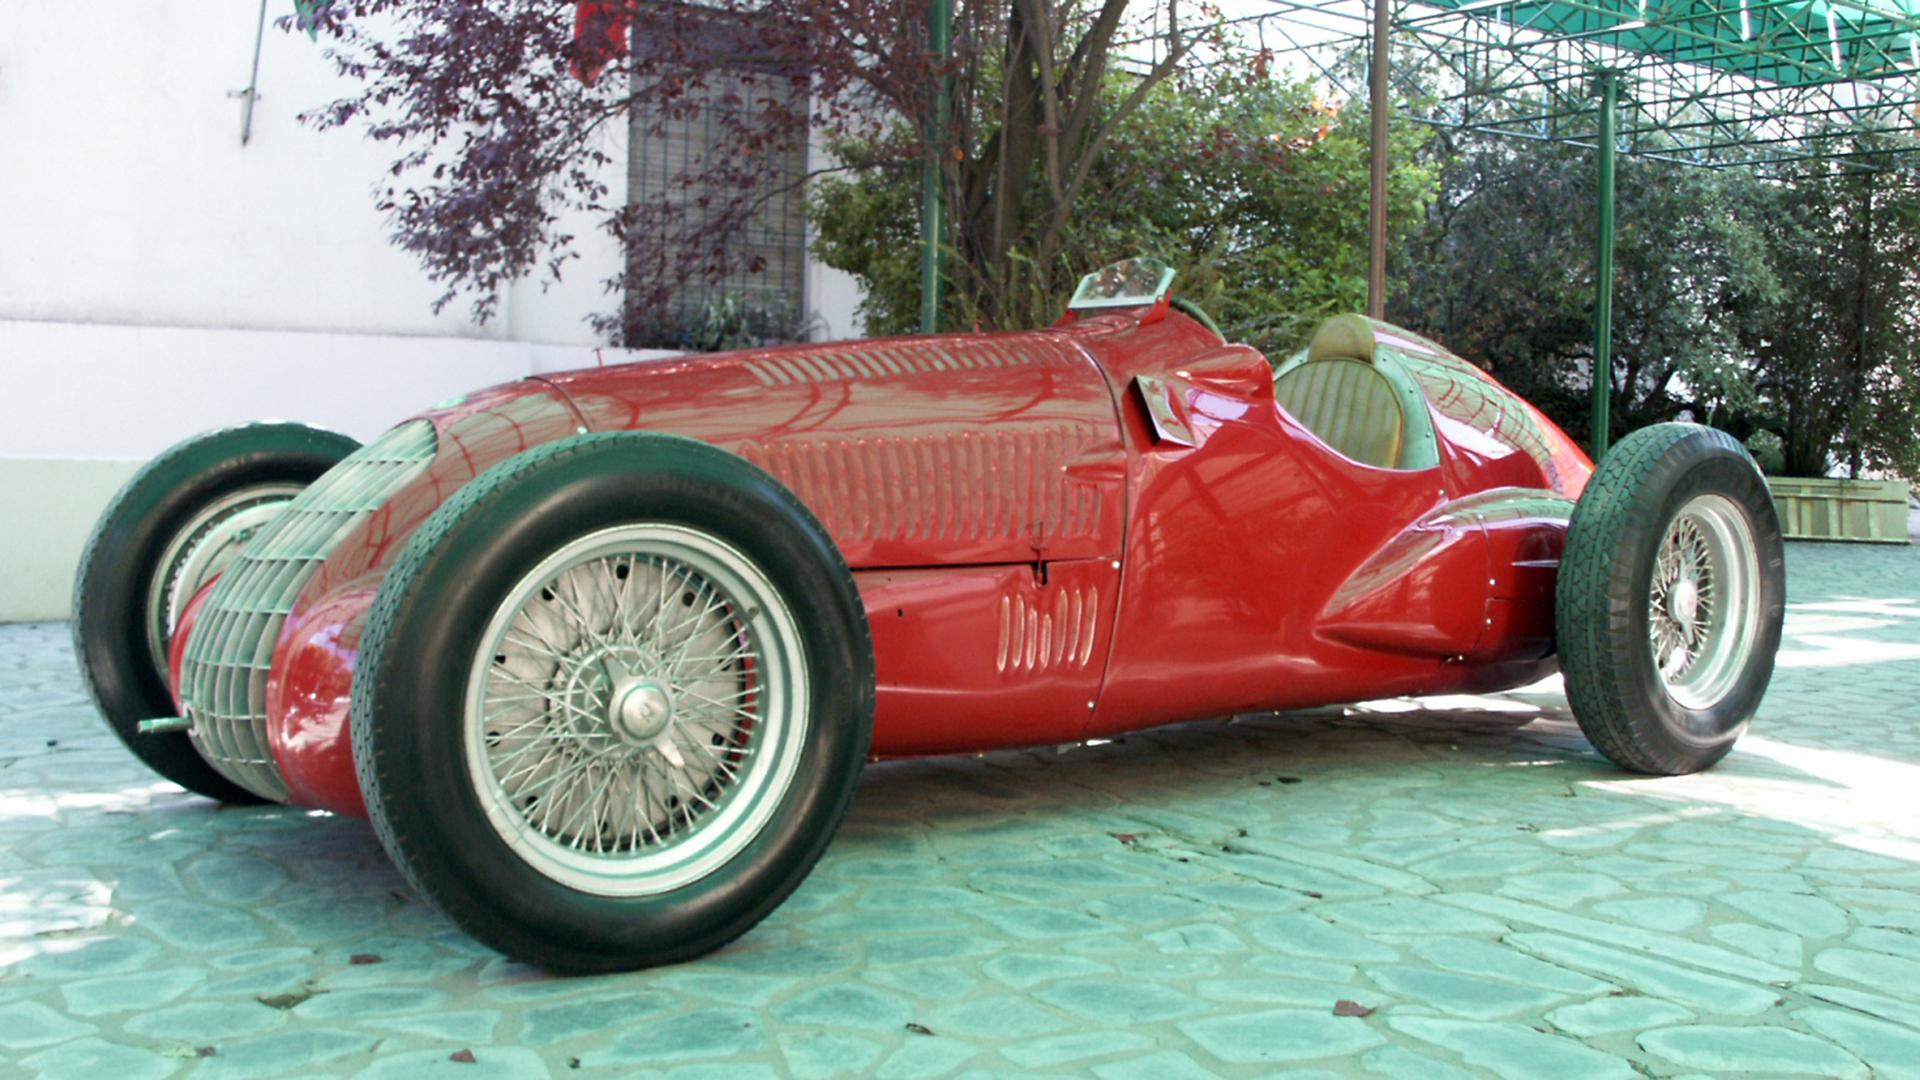 El Alfa Romeo 308 con el que corrió Oscar Gálvez, exhibido en el museo de Balcarce